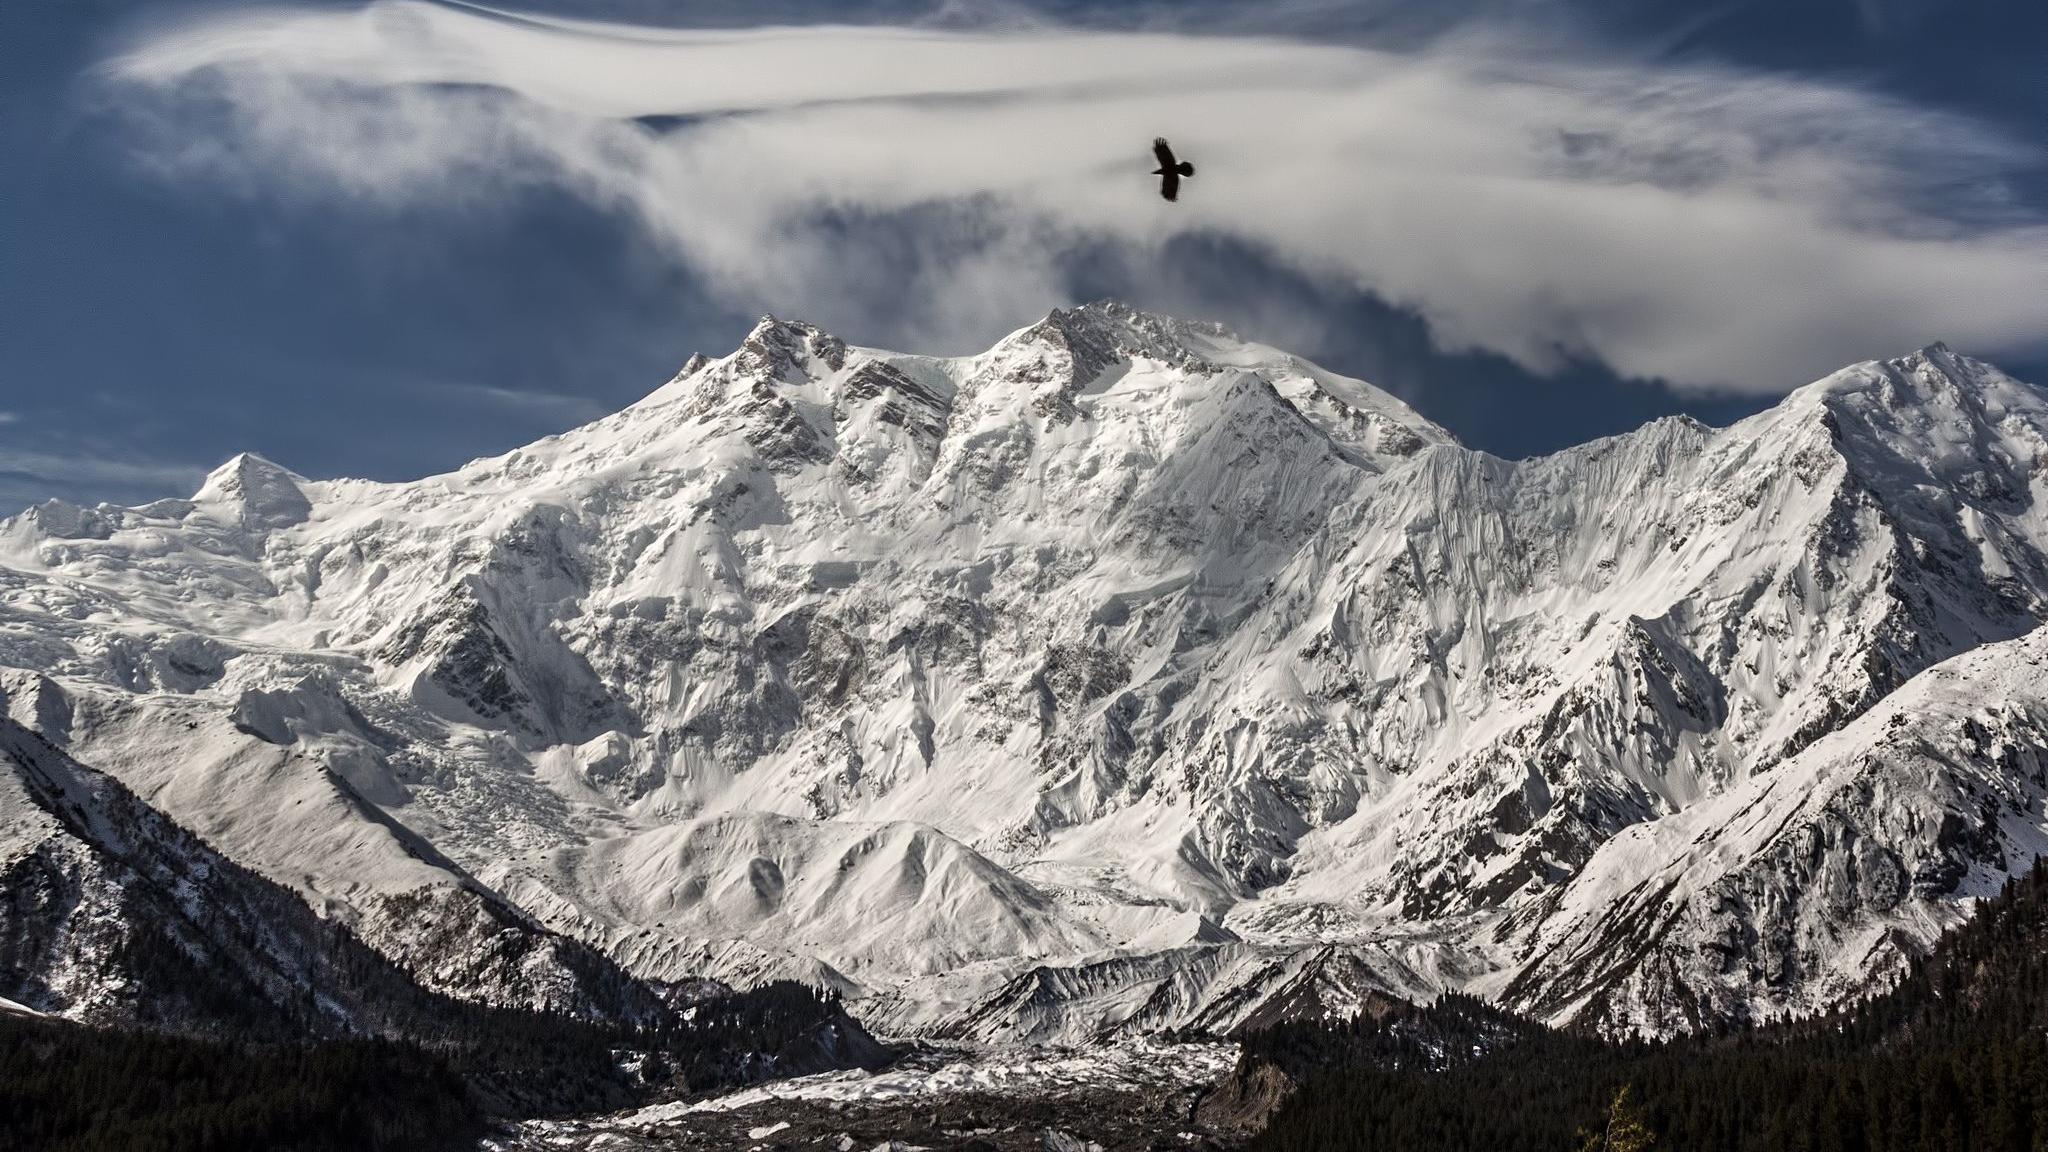 В ледниках Тибетского нагорья обнаружили десятки новых вирусов возрастом до 15 тысяч лет